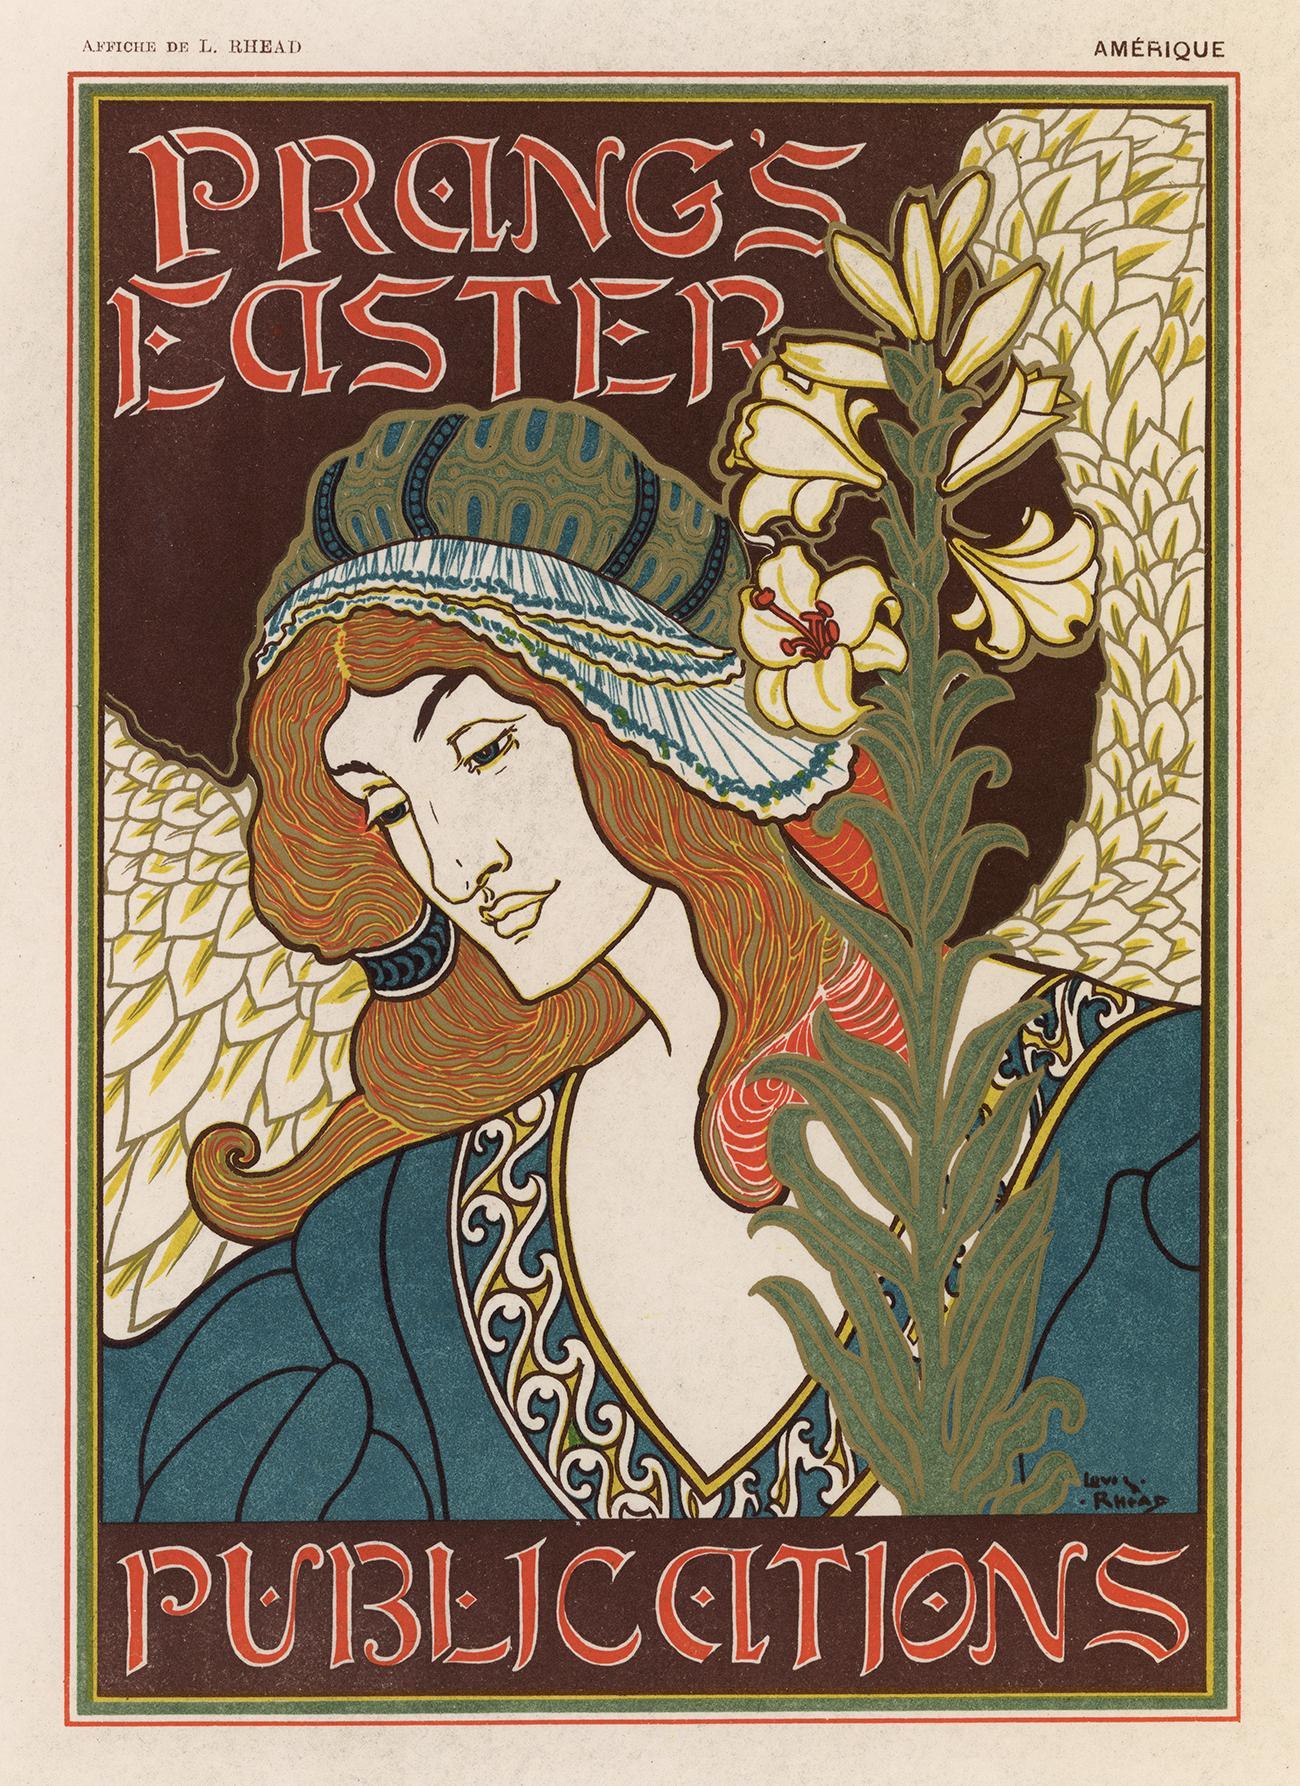 Prang's Easter by Louis Rhead, Art Nouveau Japon lithograph, edition of 25, 1897